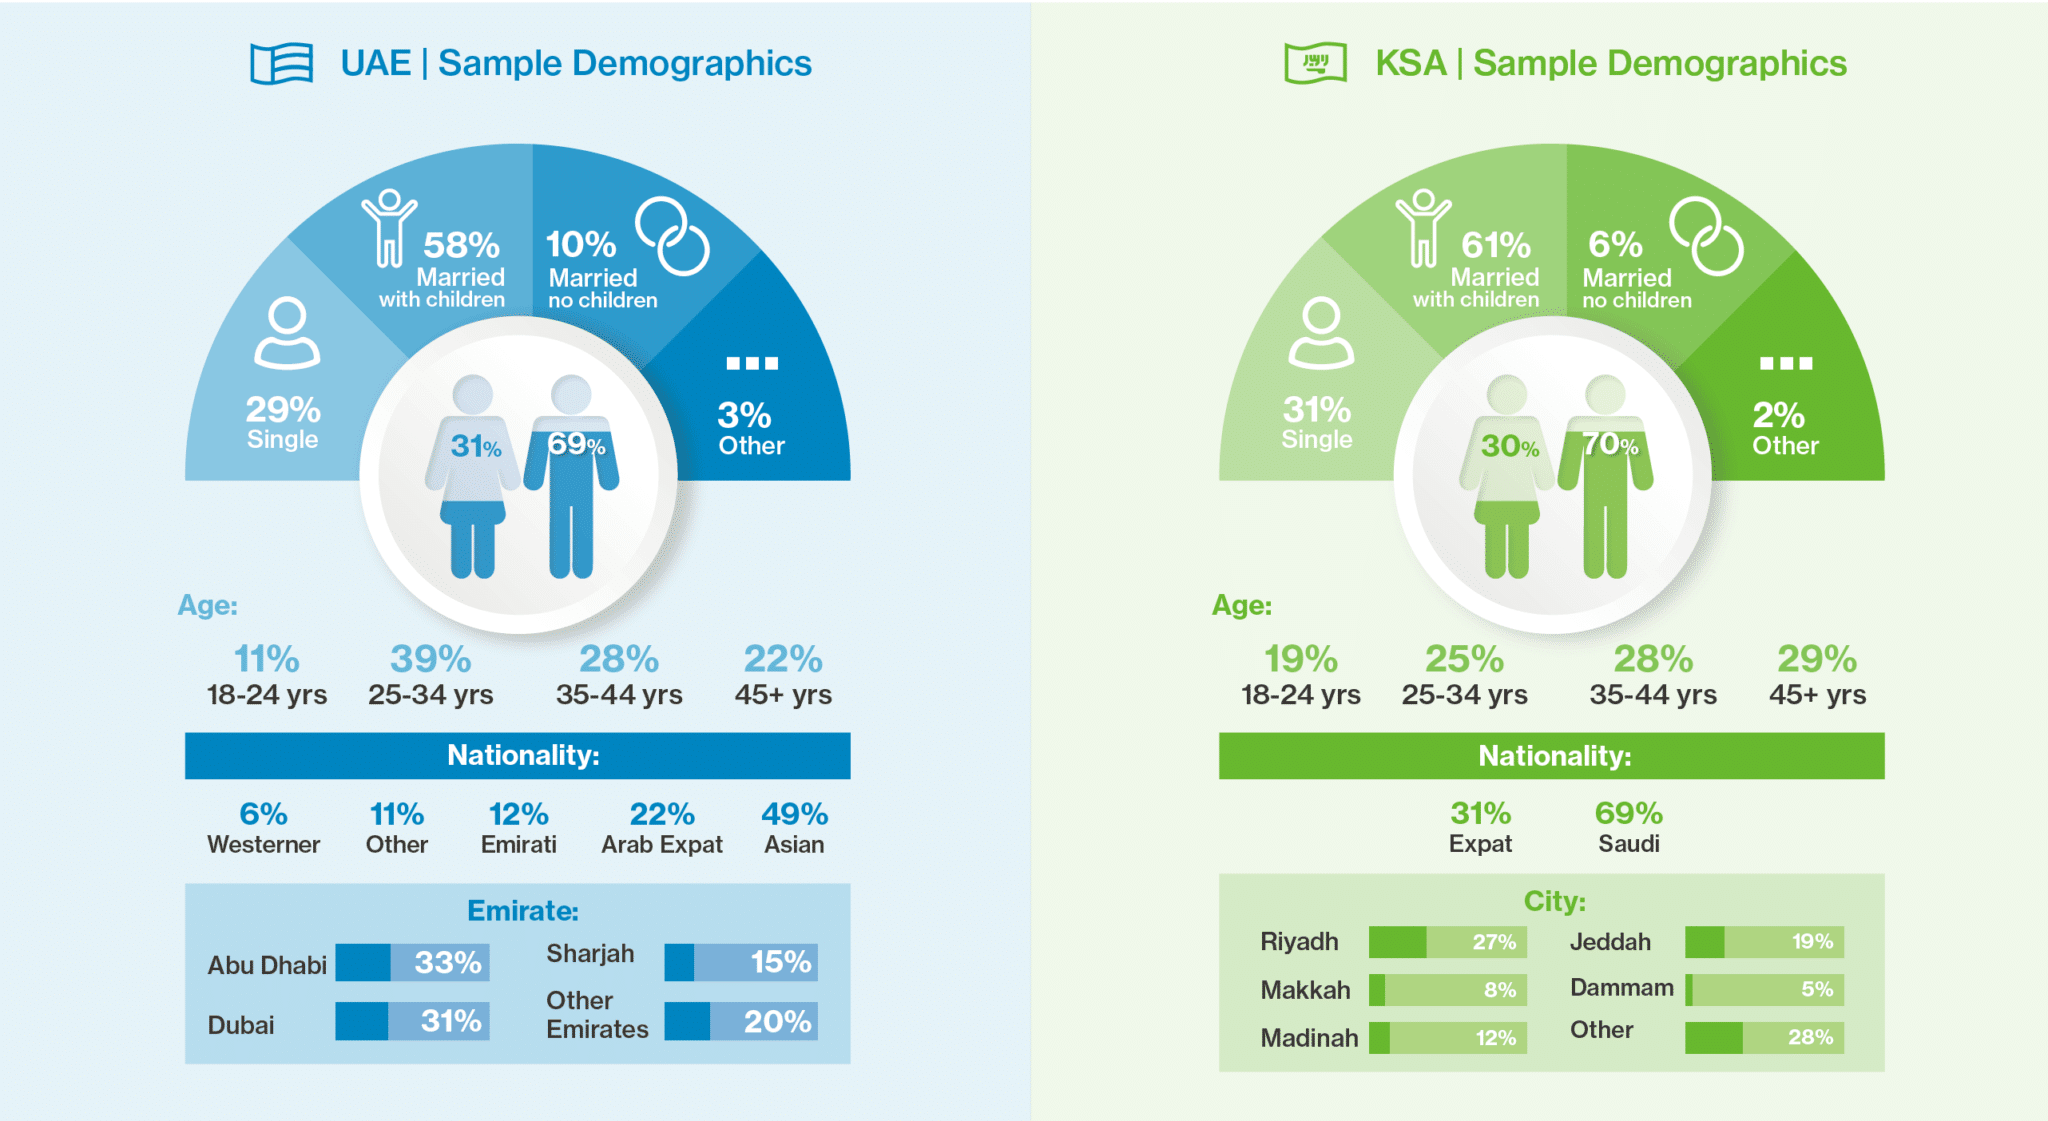 UAEKSA-_-Sample-Demographics-tele-dentistry